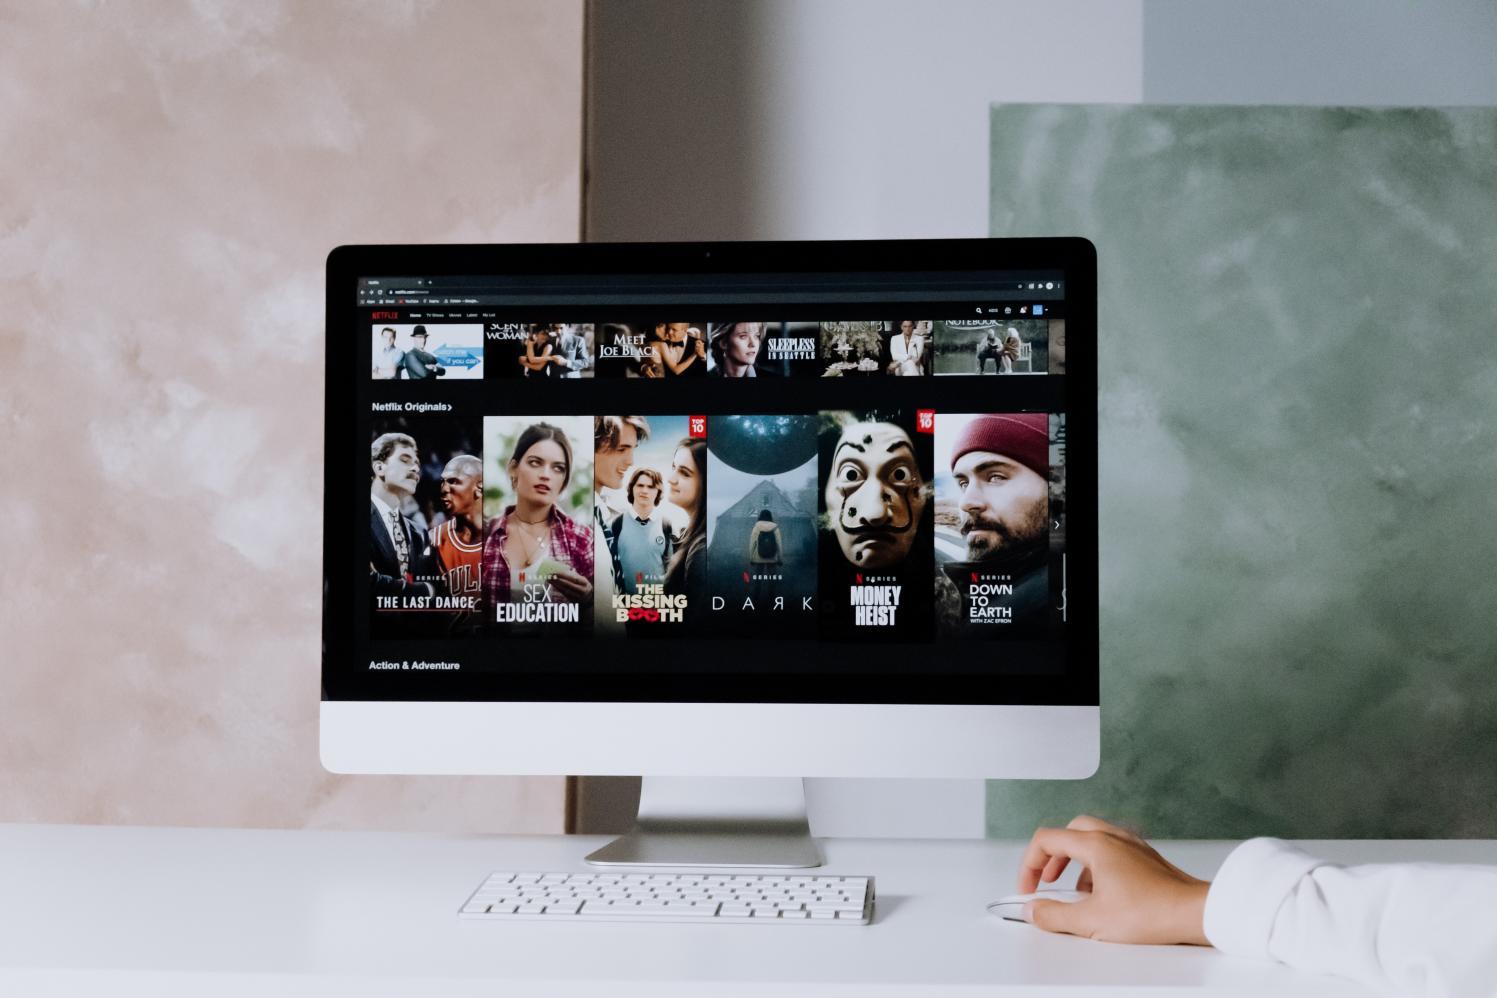 Surgimento de mais plataformas de streaming aumenta a concorrência do setor